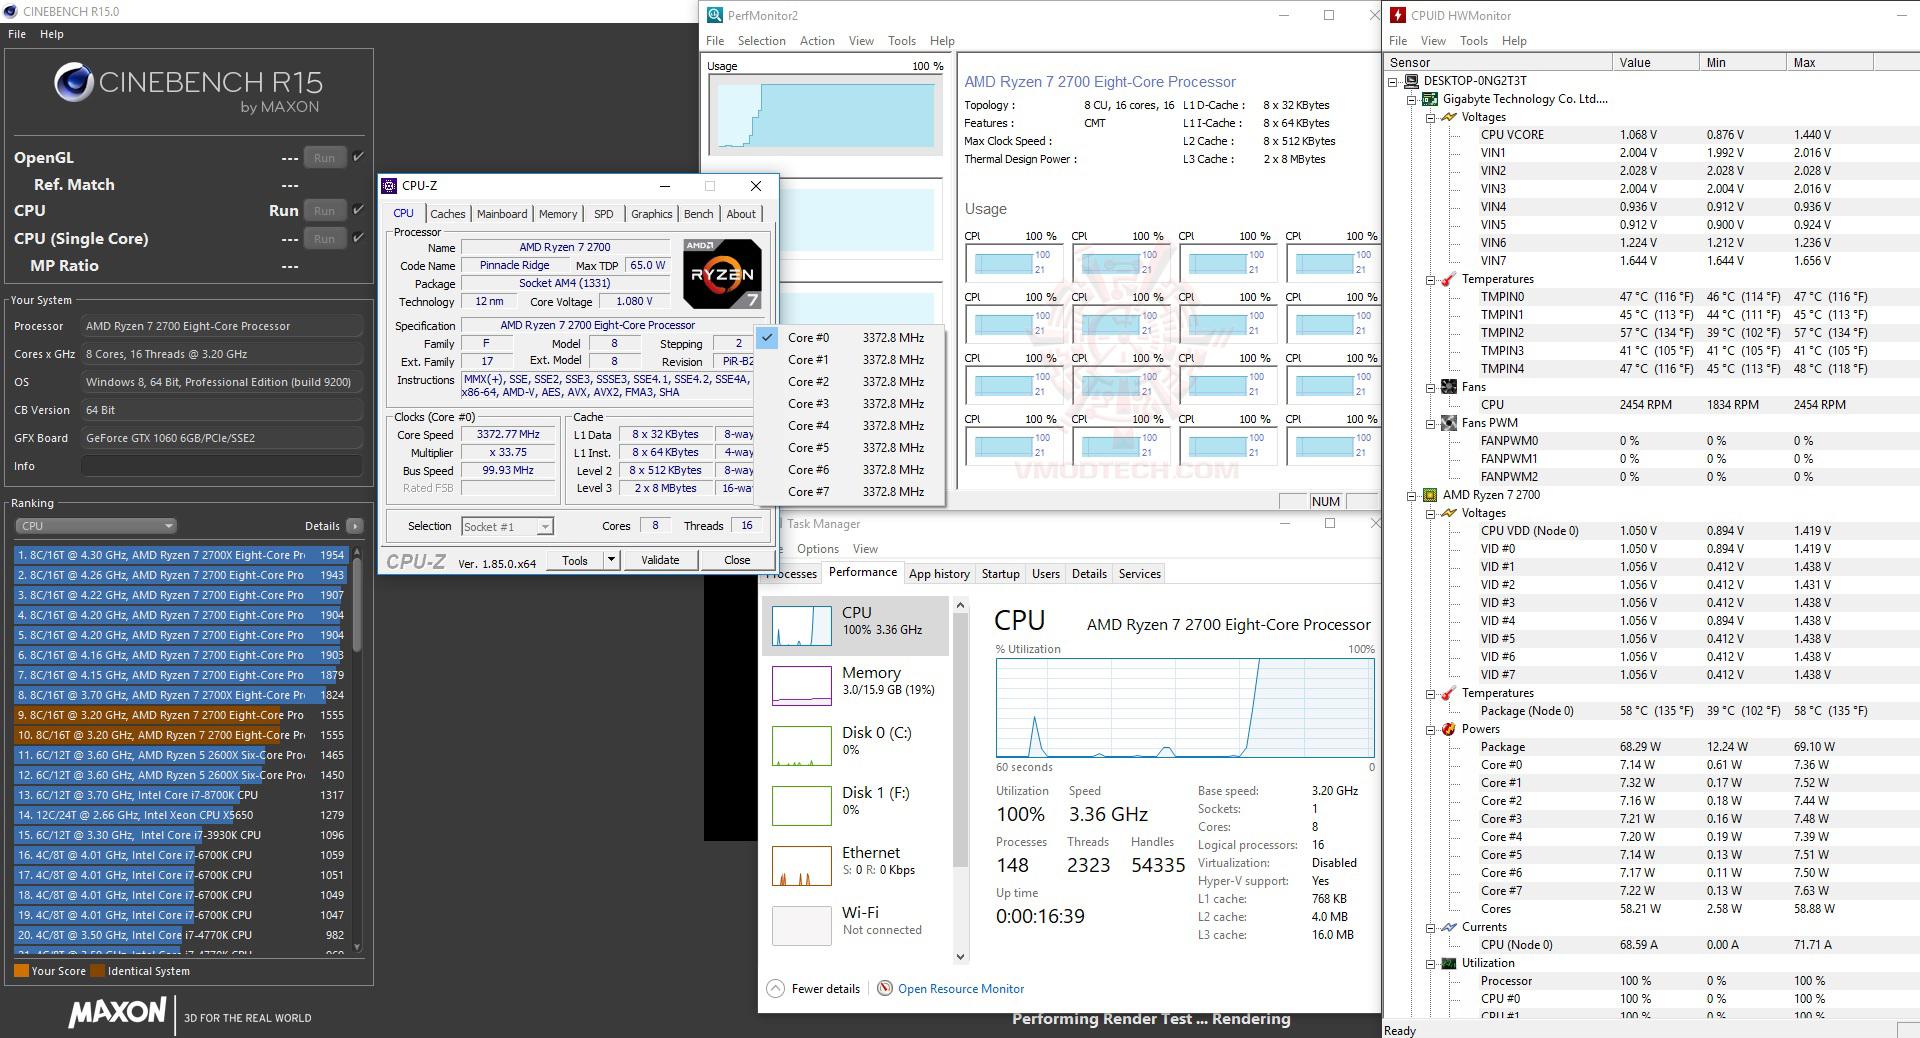 core temp AMD RYZEN 7 2700 and StoreMI Technology Review